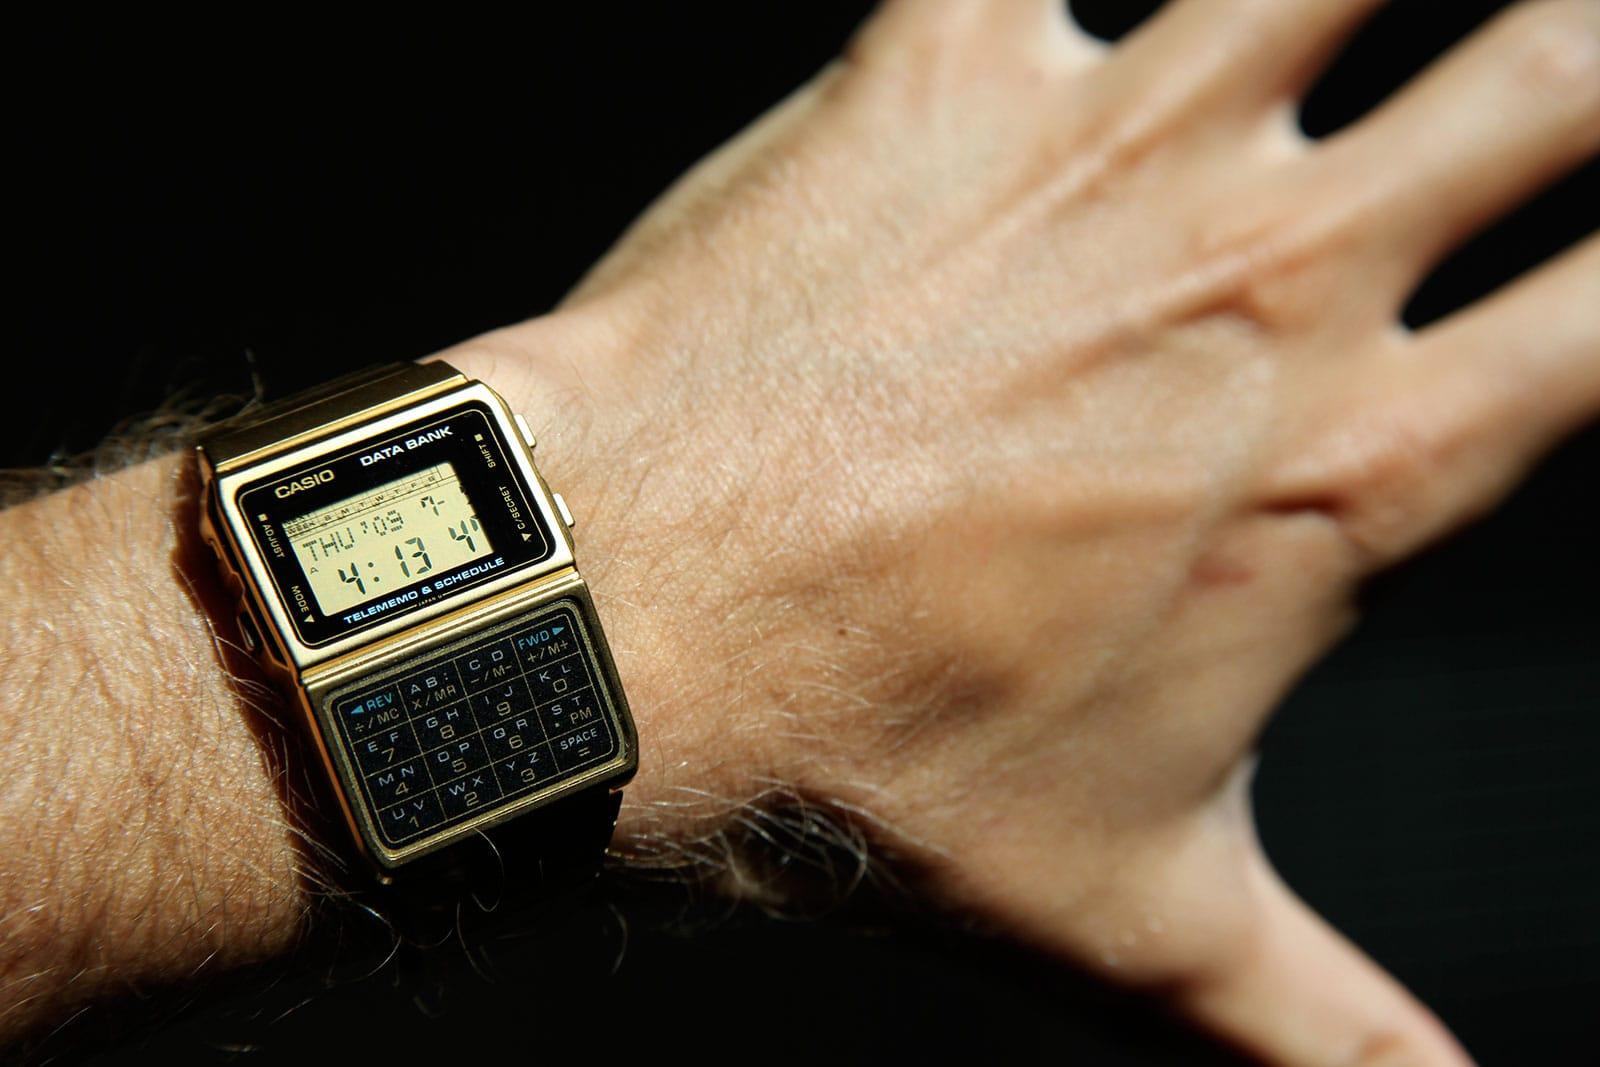 Casio zegarek z kalkulatorem